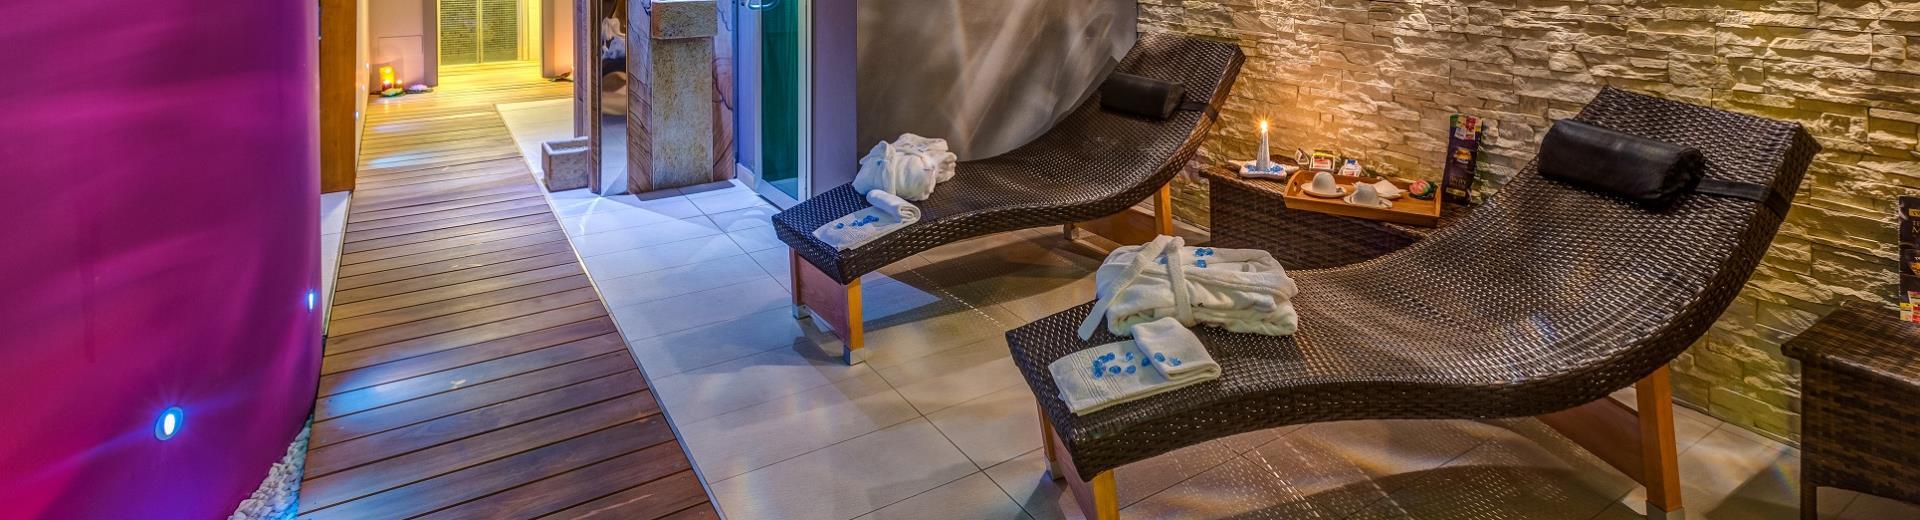 Centro Benessere e Spa La Fenice Catanzaro Lido - Hotel Perla del Porto